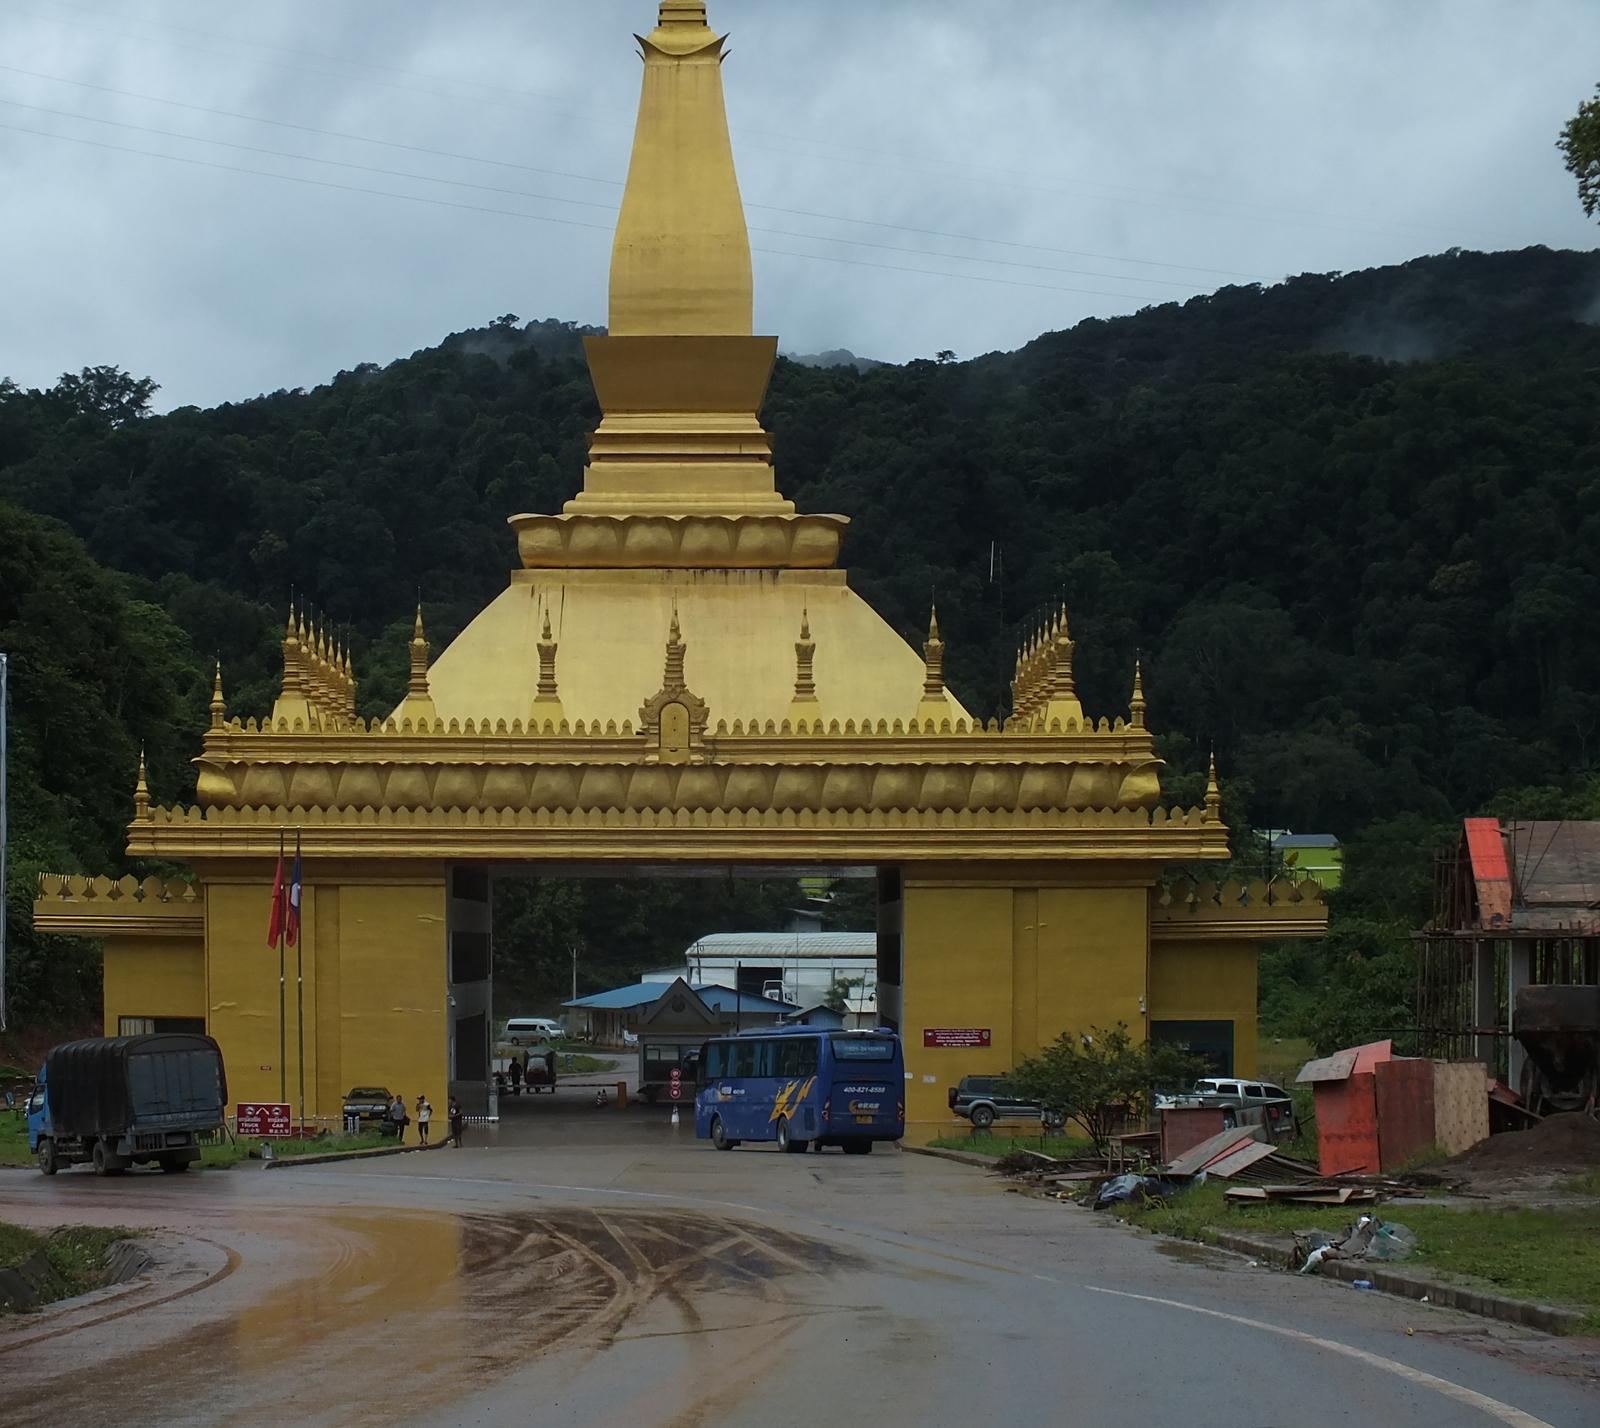 Przejście graniczne Chiny/Laos